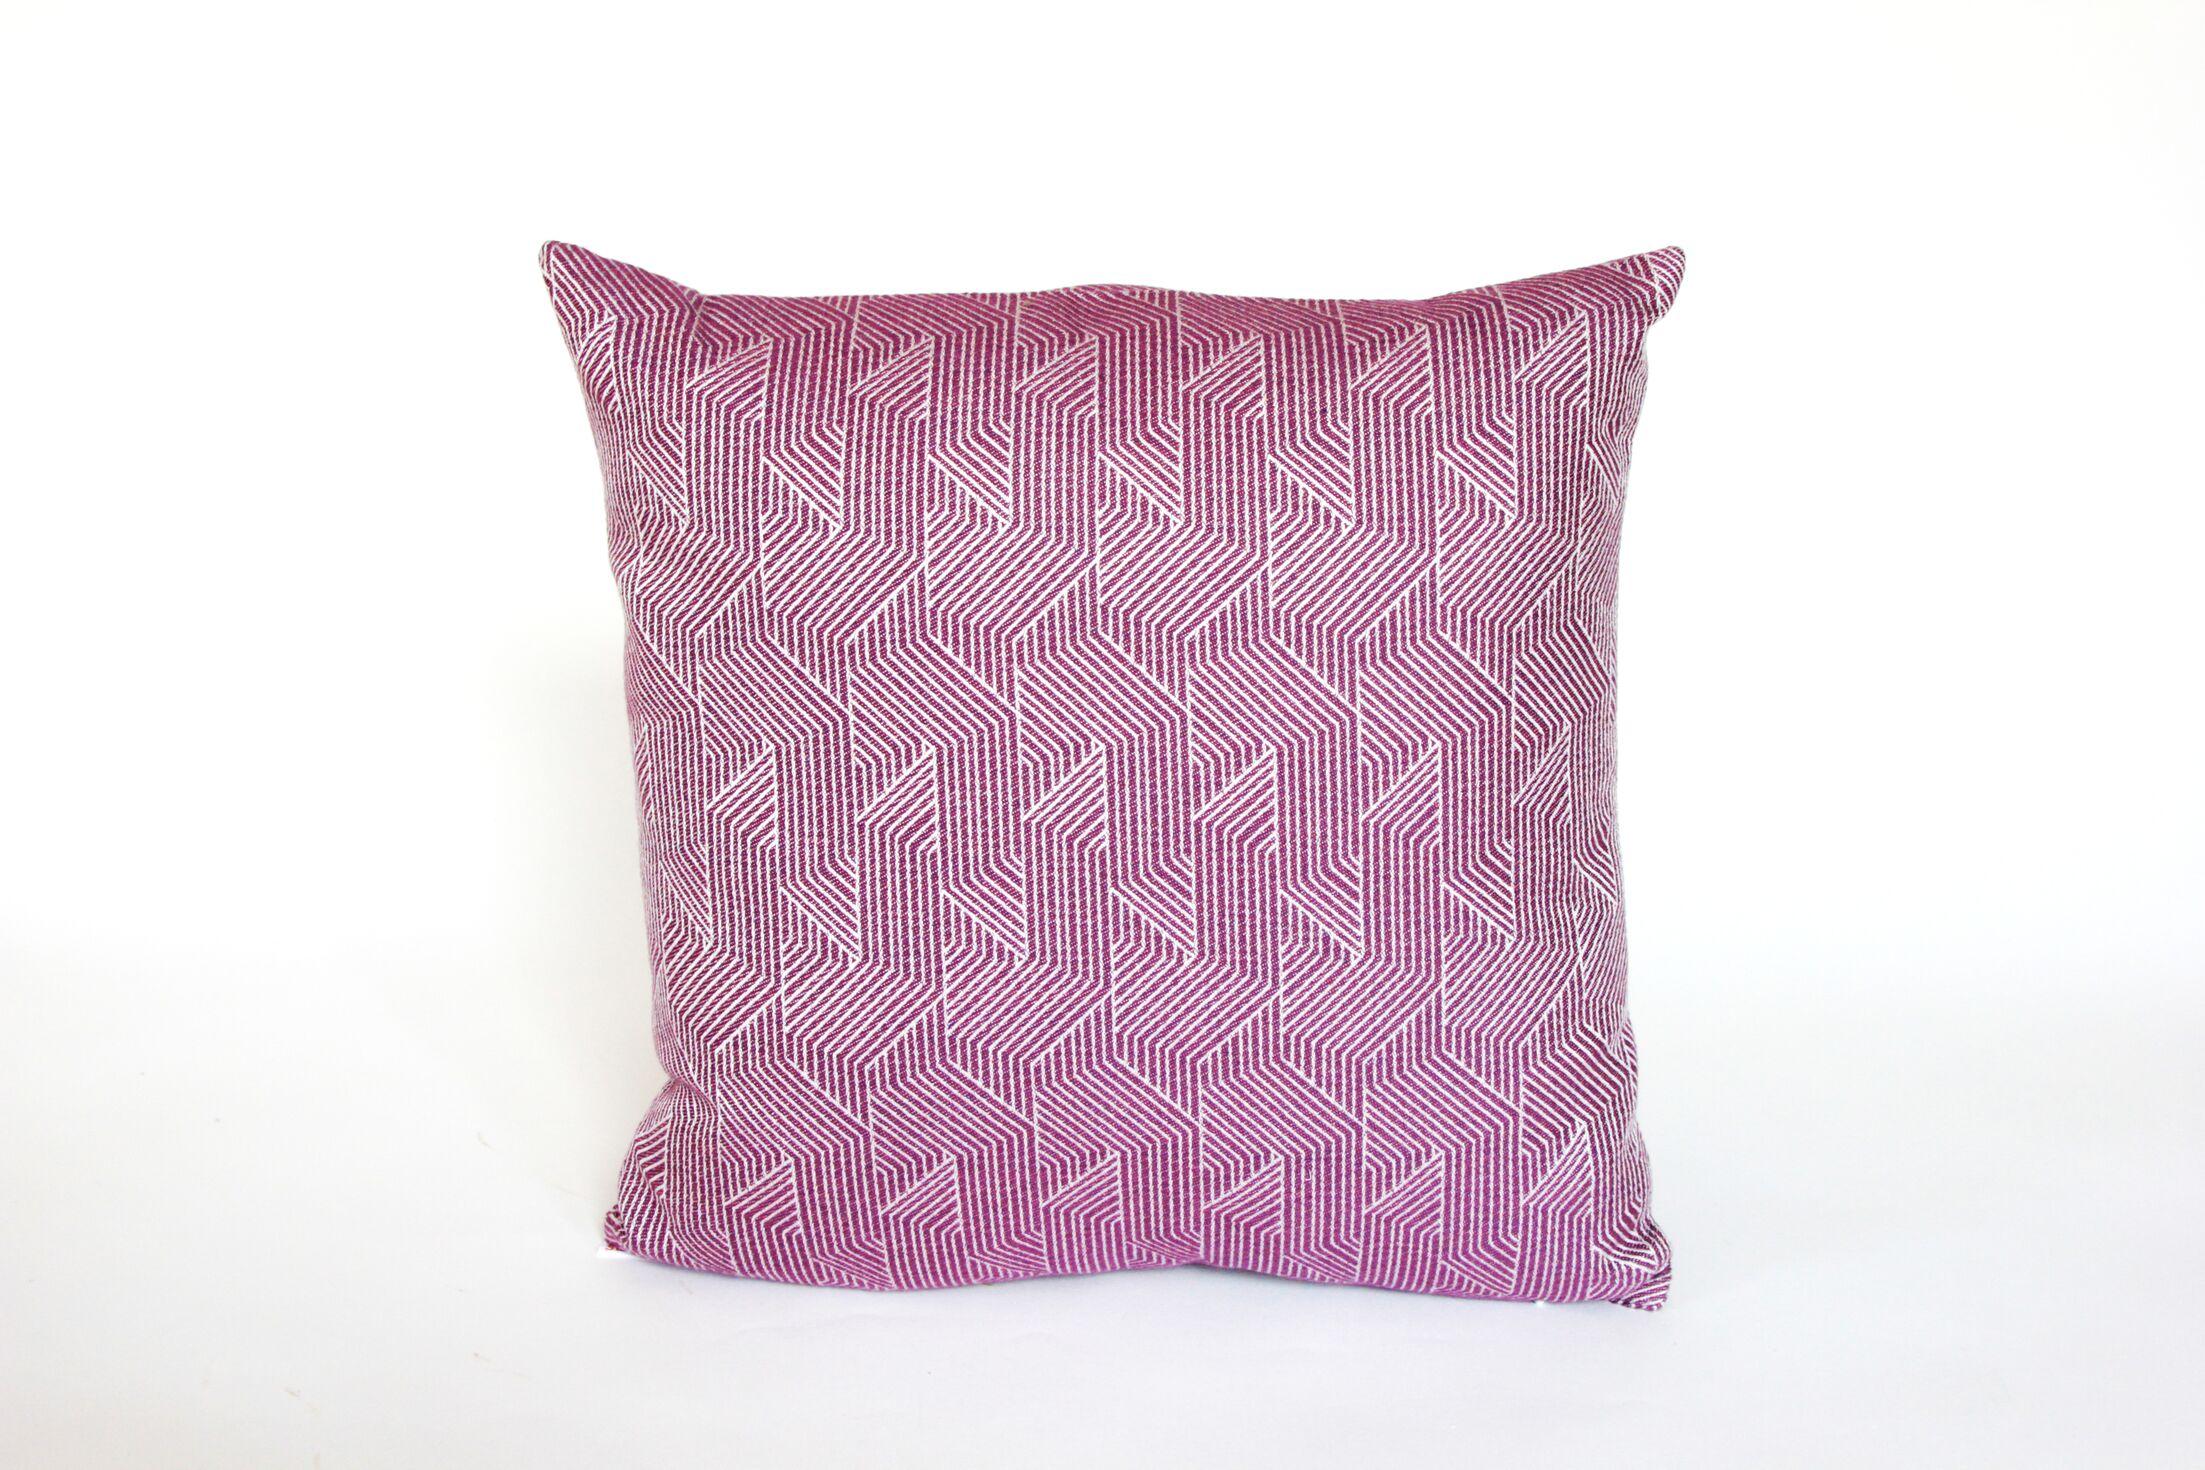 Elite Deco Divide Indoor/Outdoor Sunbrella Throw Pillow Size: 22